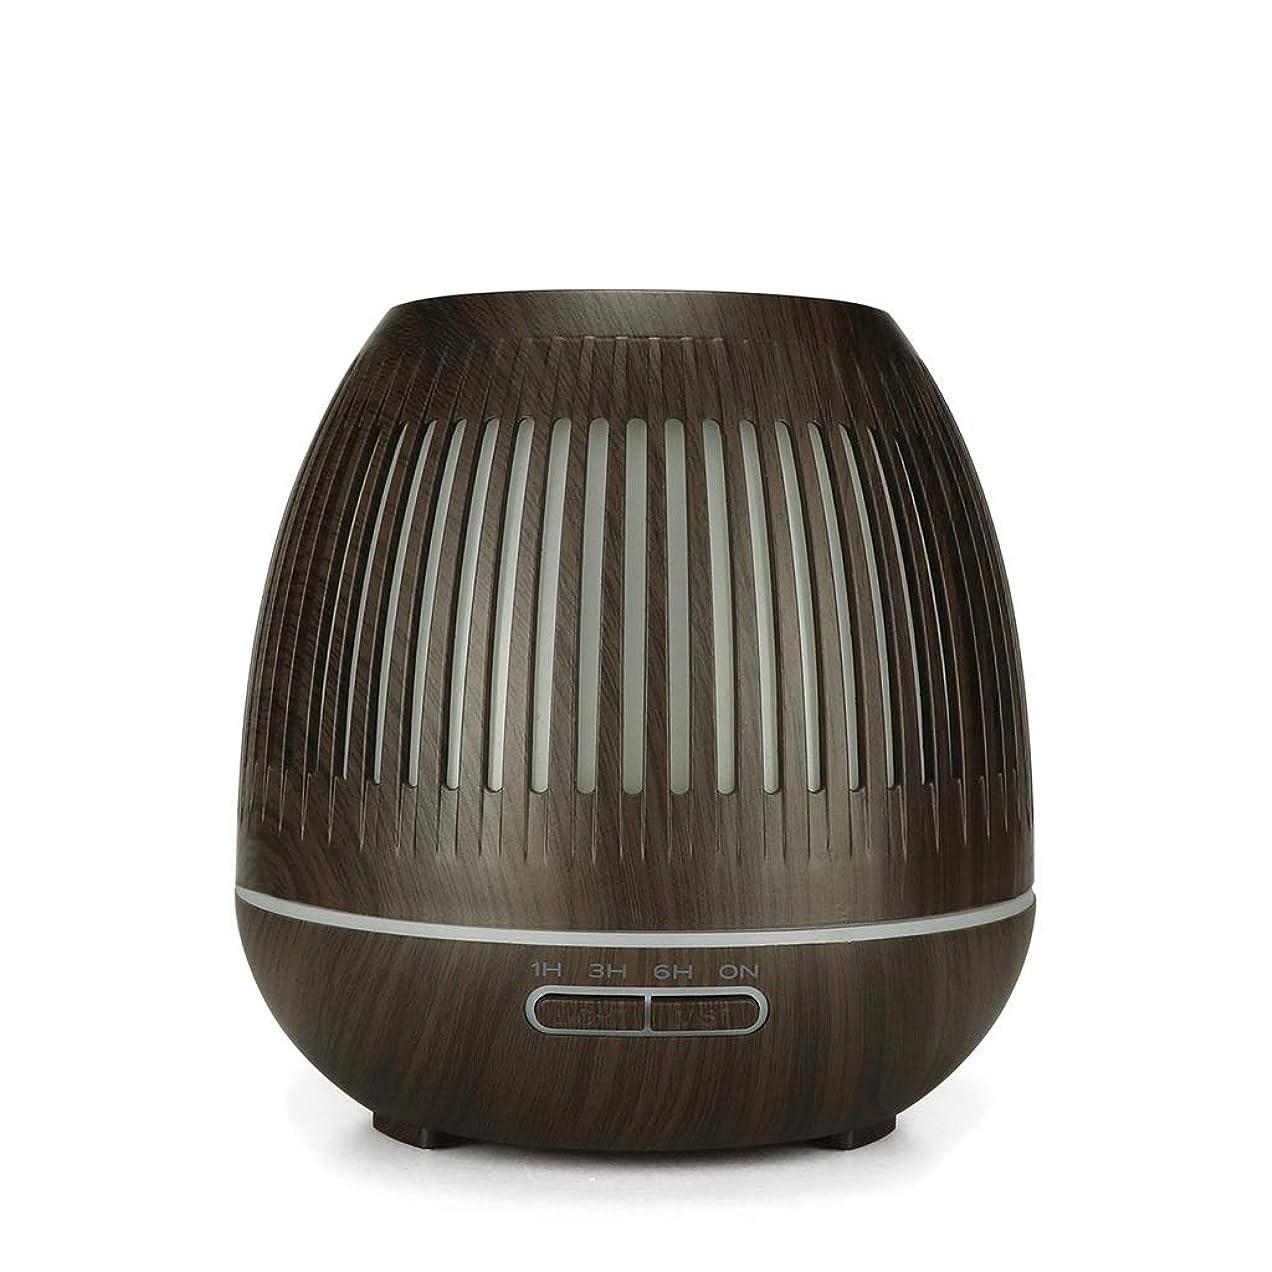 スリム起きる肌400ミリリットル超音波クールミスト加湿器付きカラーledライト用ホームヨガオフィススパ寝室ベビールーム - ウッドグレインディフューザー (Color : Dark wood grain)